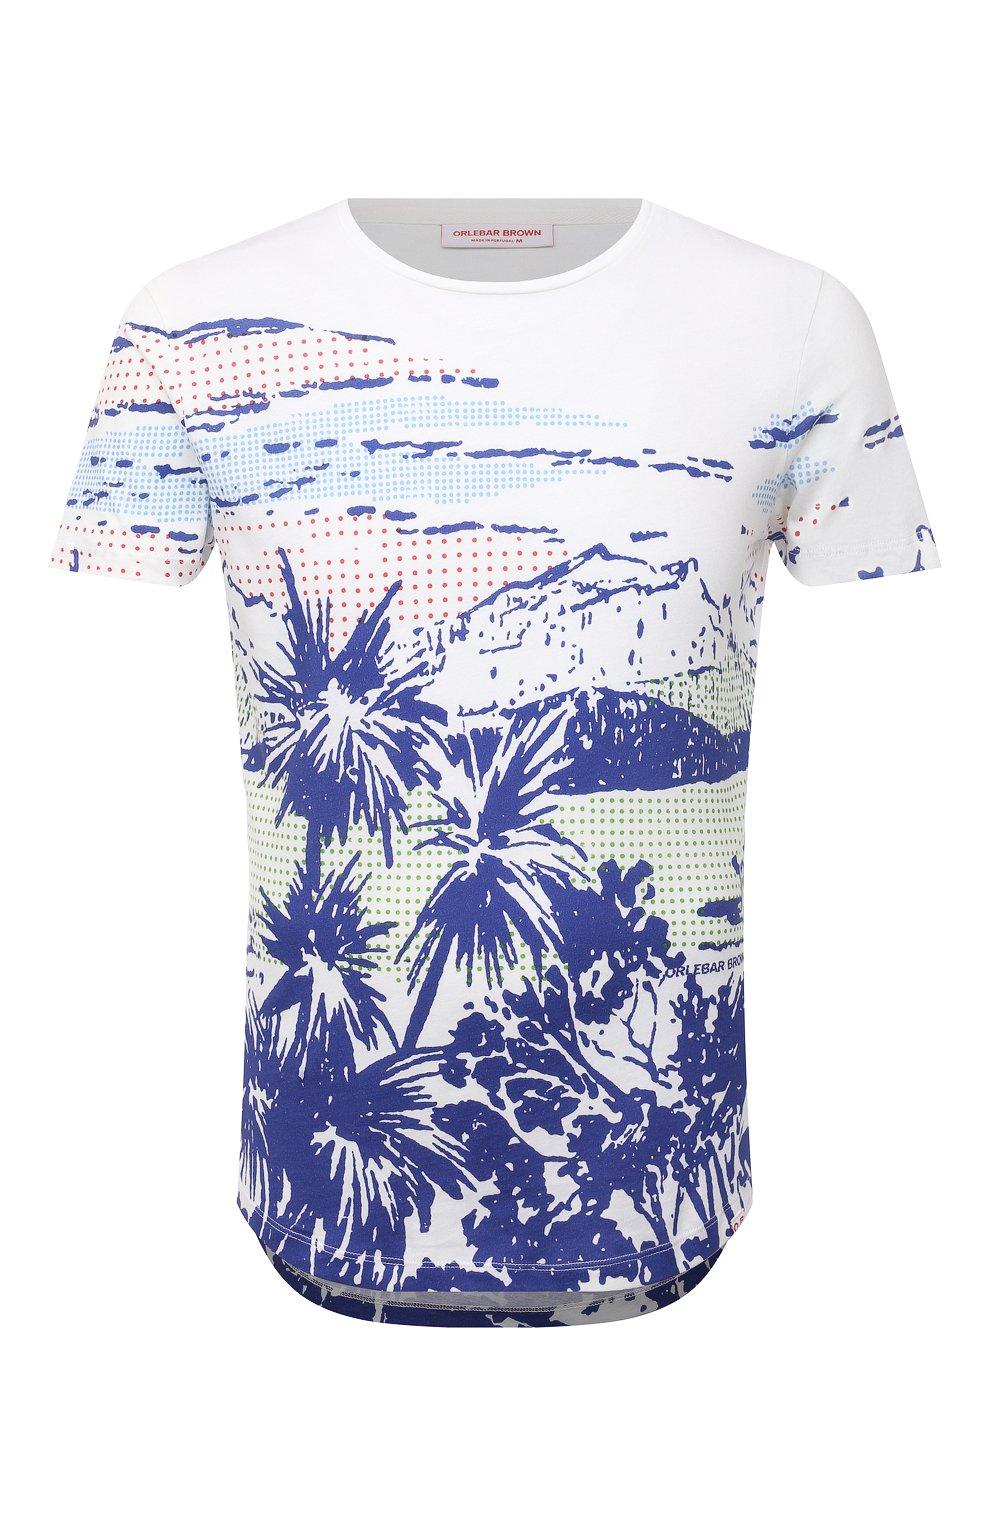 Мужская хлопковая футболка ORLEBAR BROWN белого цвета, арт. 273696 | Фото 1 (Кросс-КТ: Пляж; Рукава: Короткие; Длина (для топов): Стандартные; Принт: С принтом; Материал внешний: Хлопок; Стили: Кэжуэл)